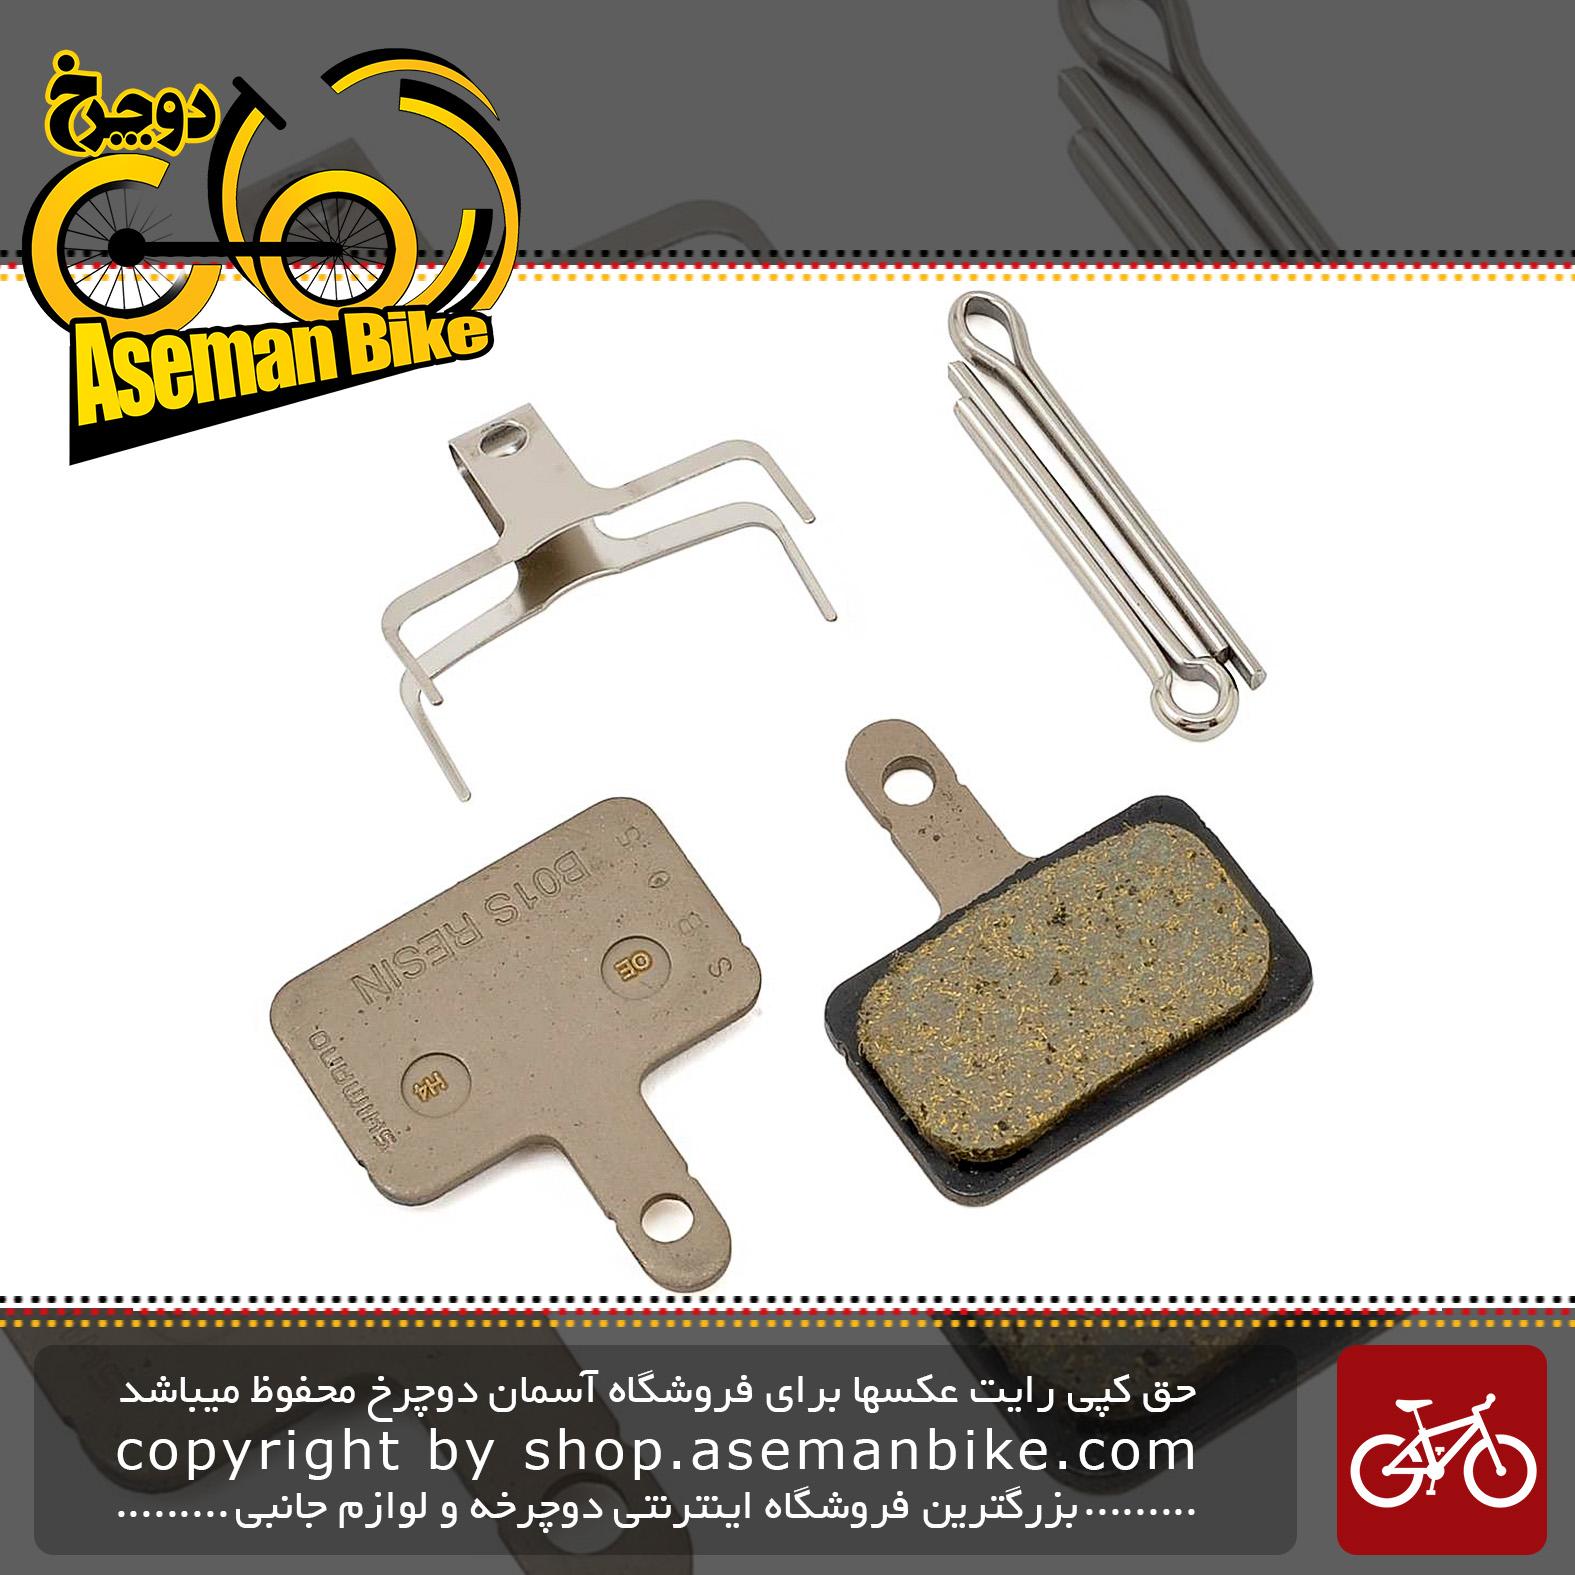 لنت ترمز شیمانو مدل بی 01 اس Shimano Disc Brake Pads B01S